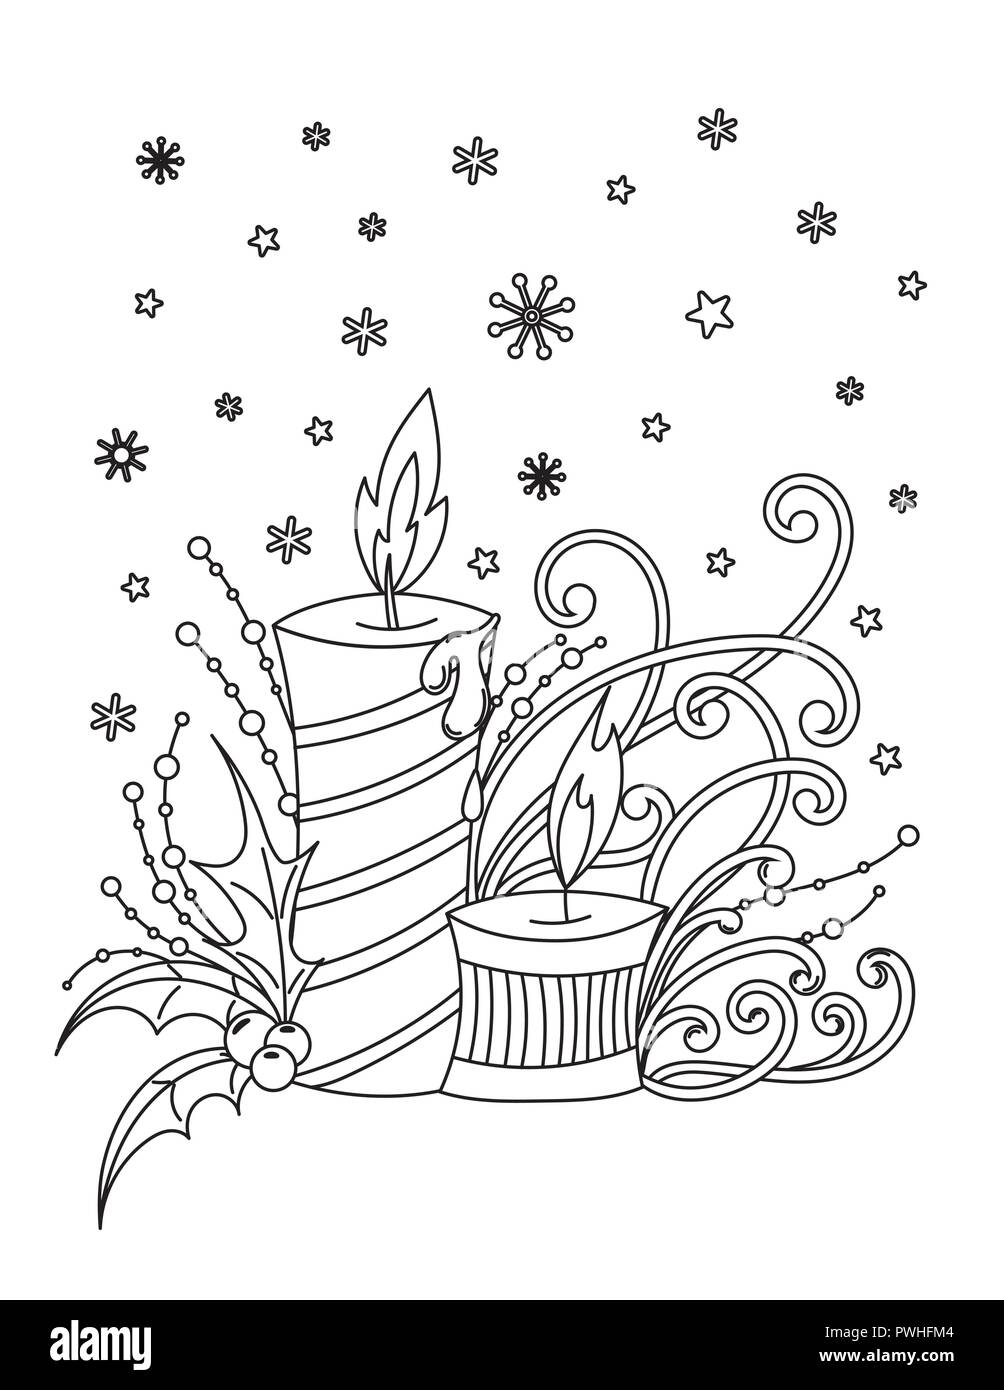 Coloriages de Noël. Livre de coloriage adultes. Décor de vacances